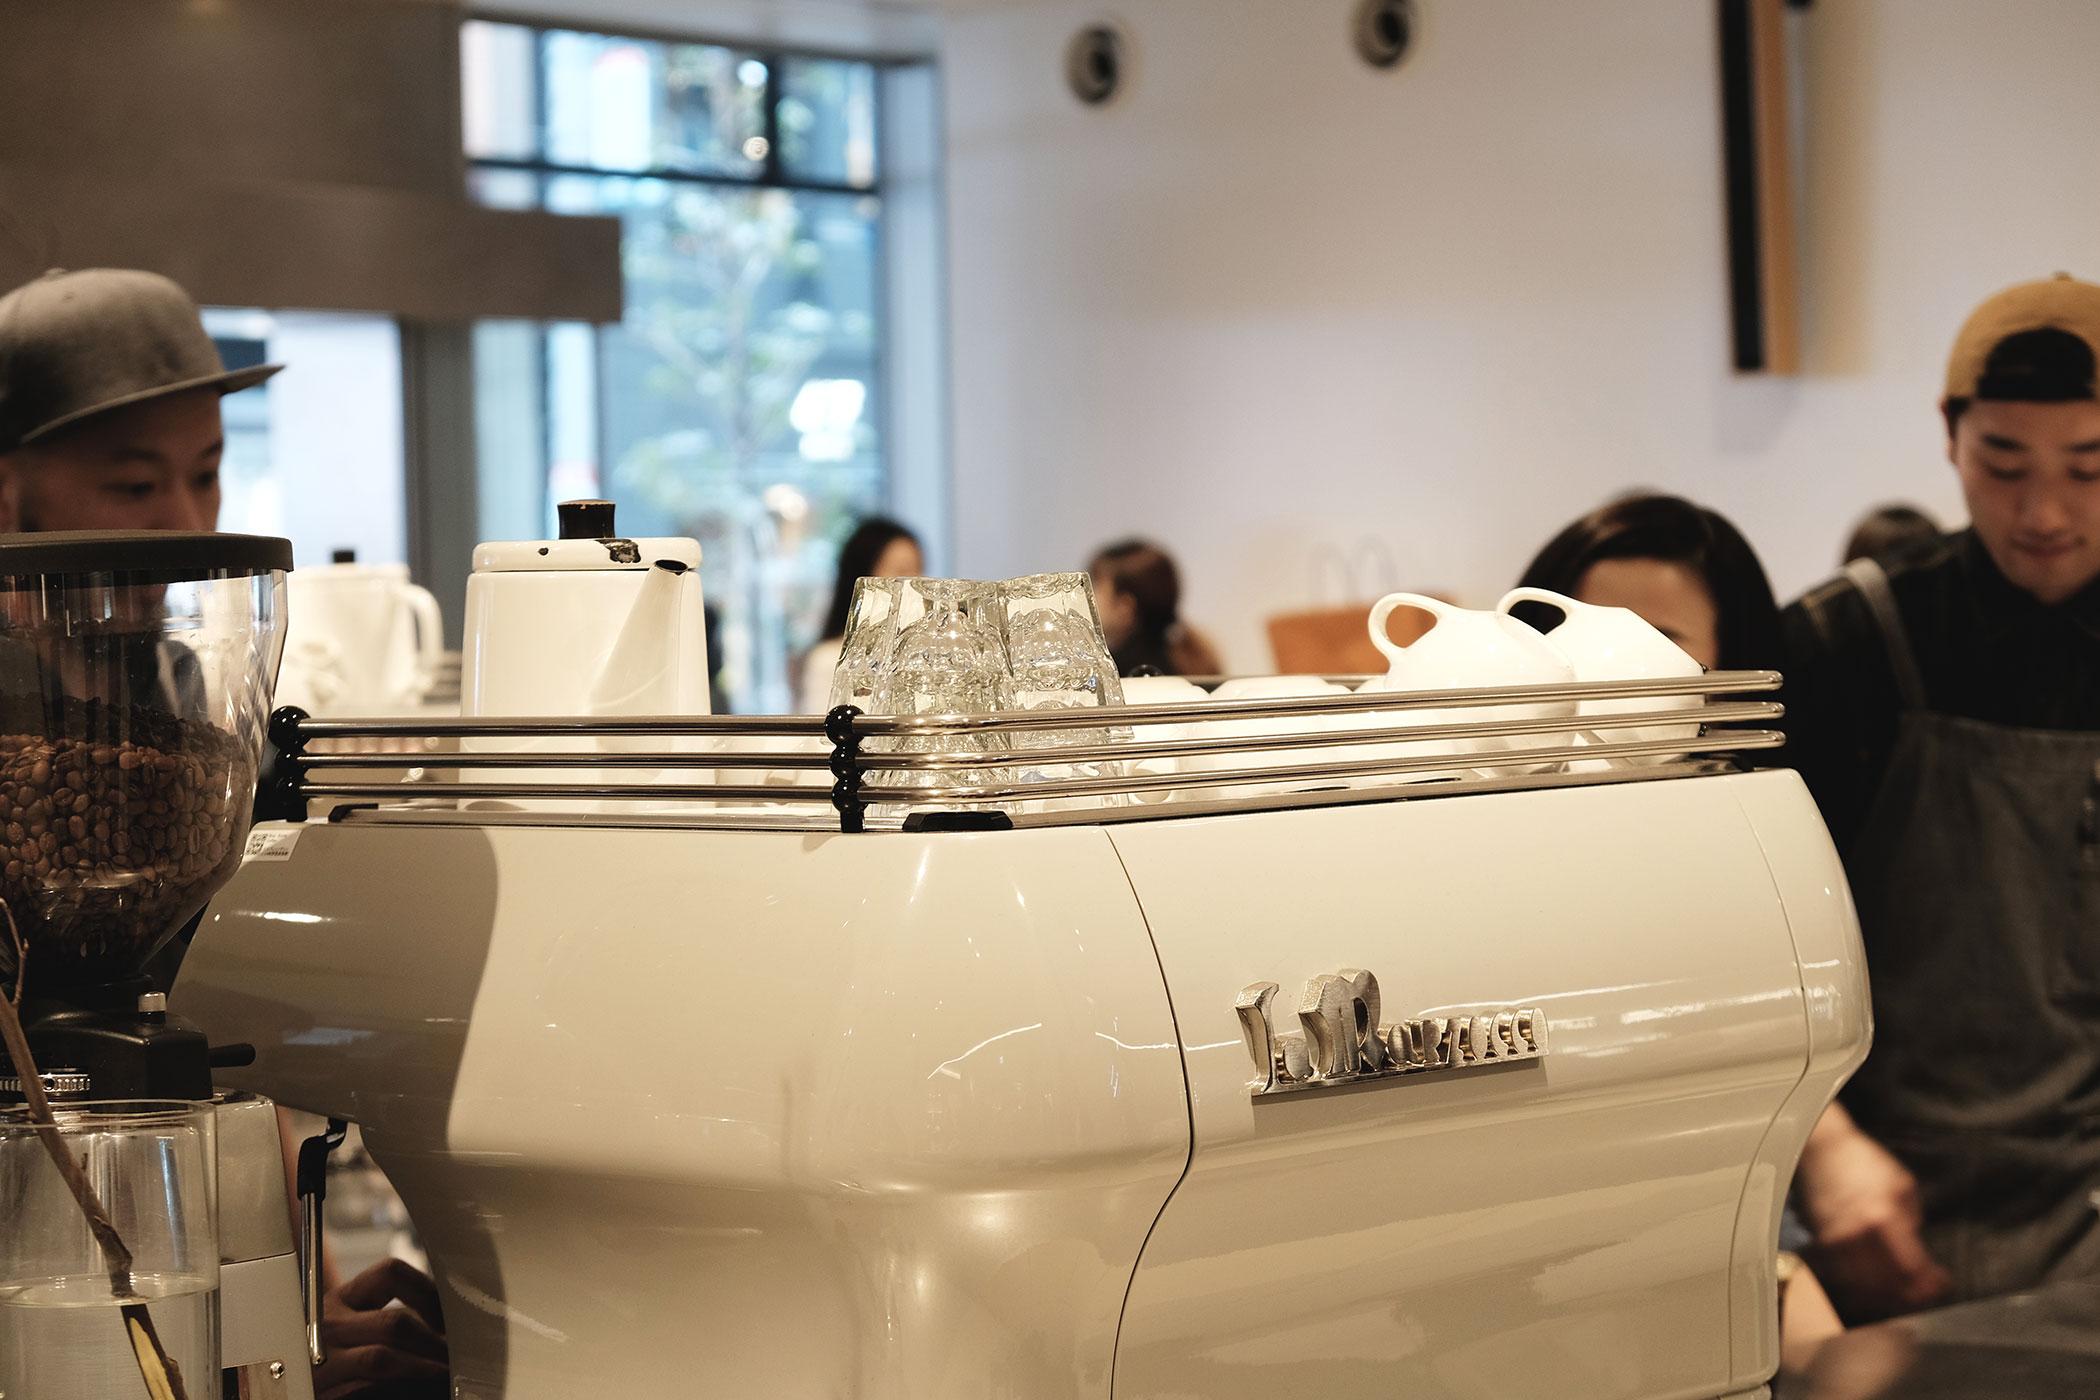 ブルーボトルコーヒー 新宿カフェ NEWoMAN内の国内3号店となるブルーボトルコーヒー